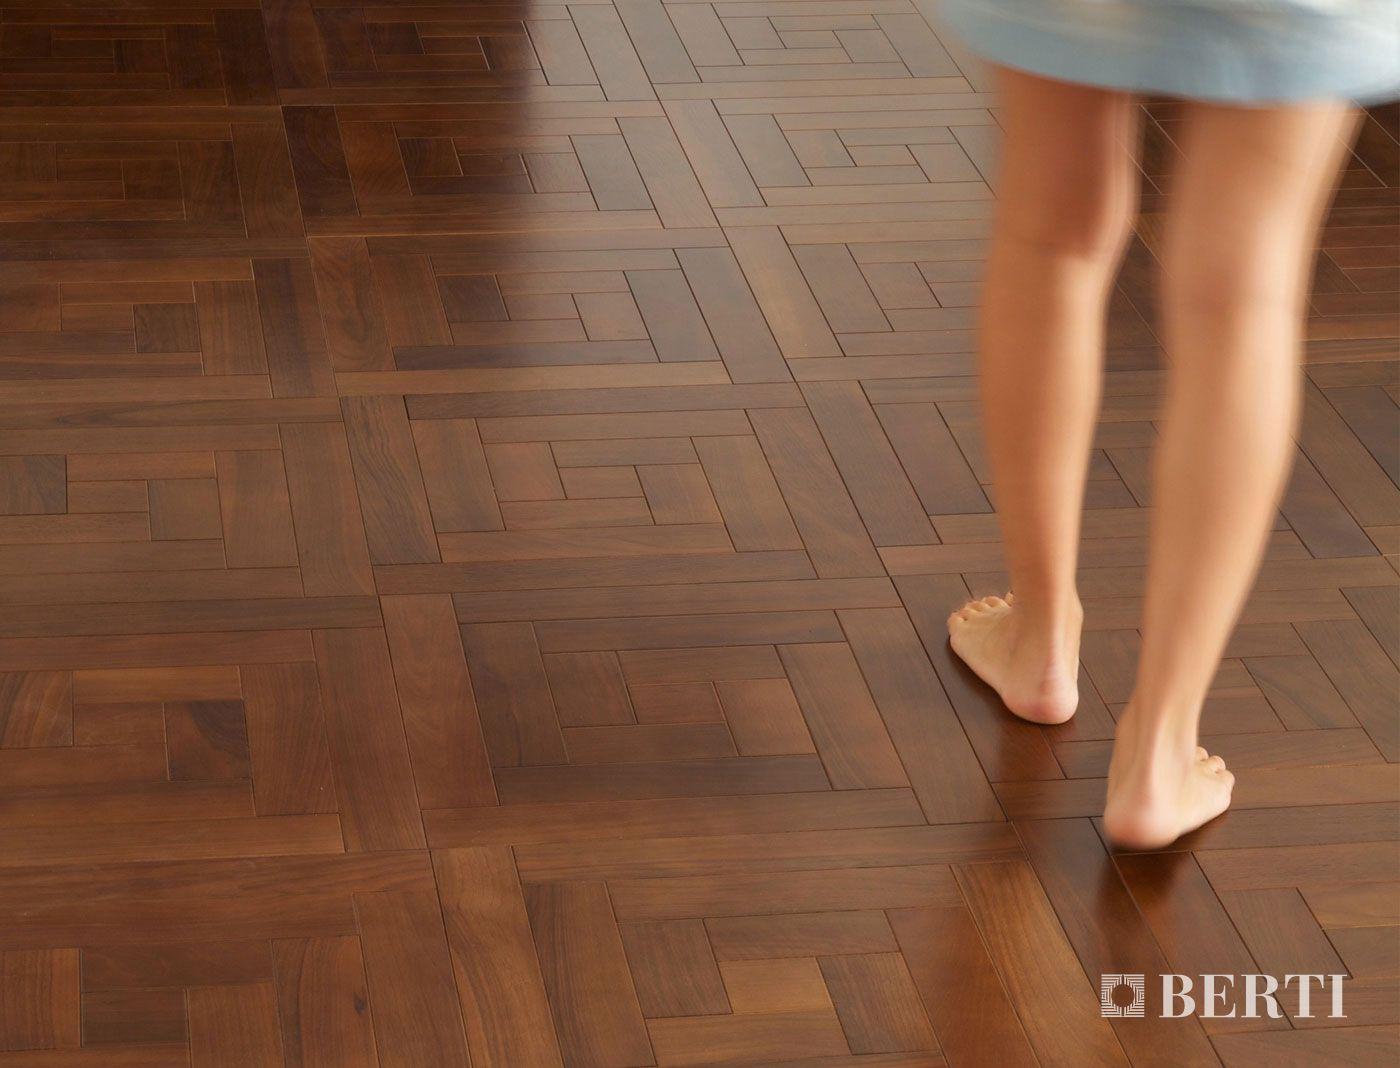 Parquet Flooring Design. Berti Parquet Flooring Design, Italian Style With  High Quality Refinish For